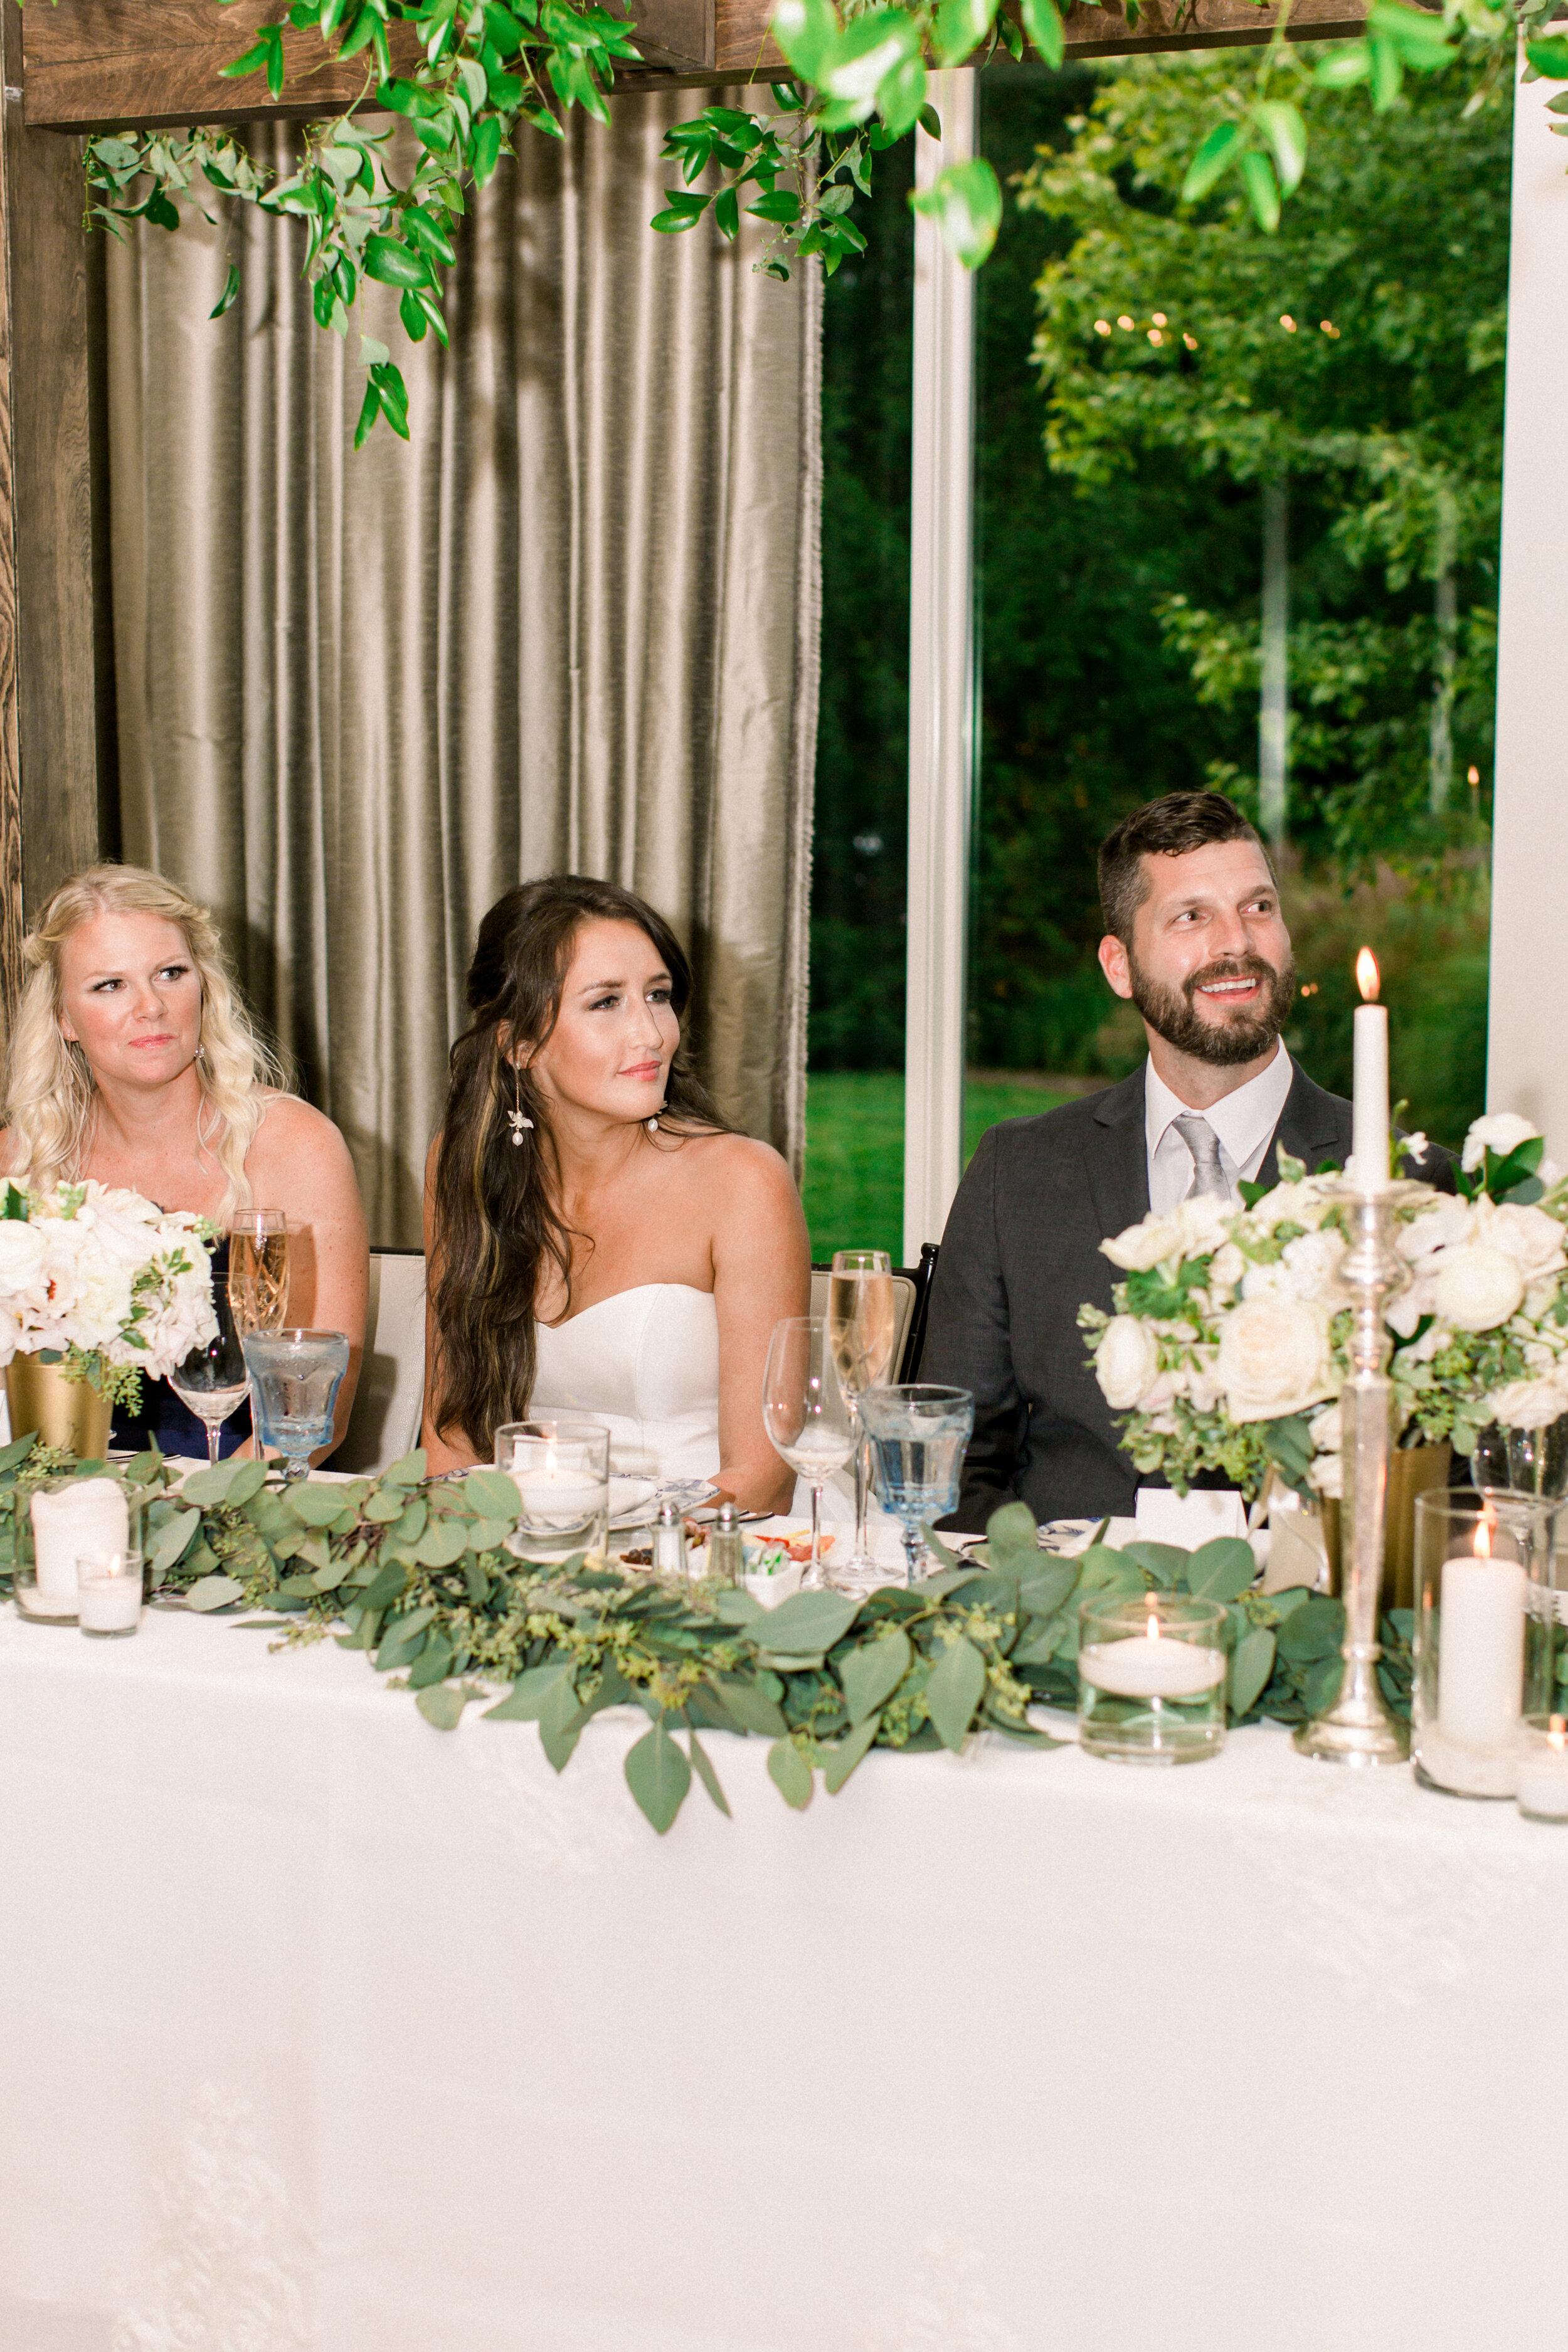 Kuiper+Wedding+Reception-52.jpg